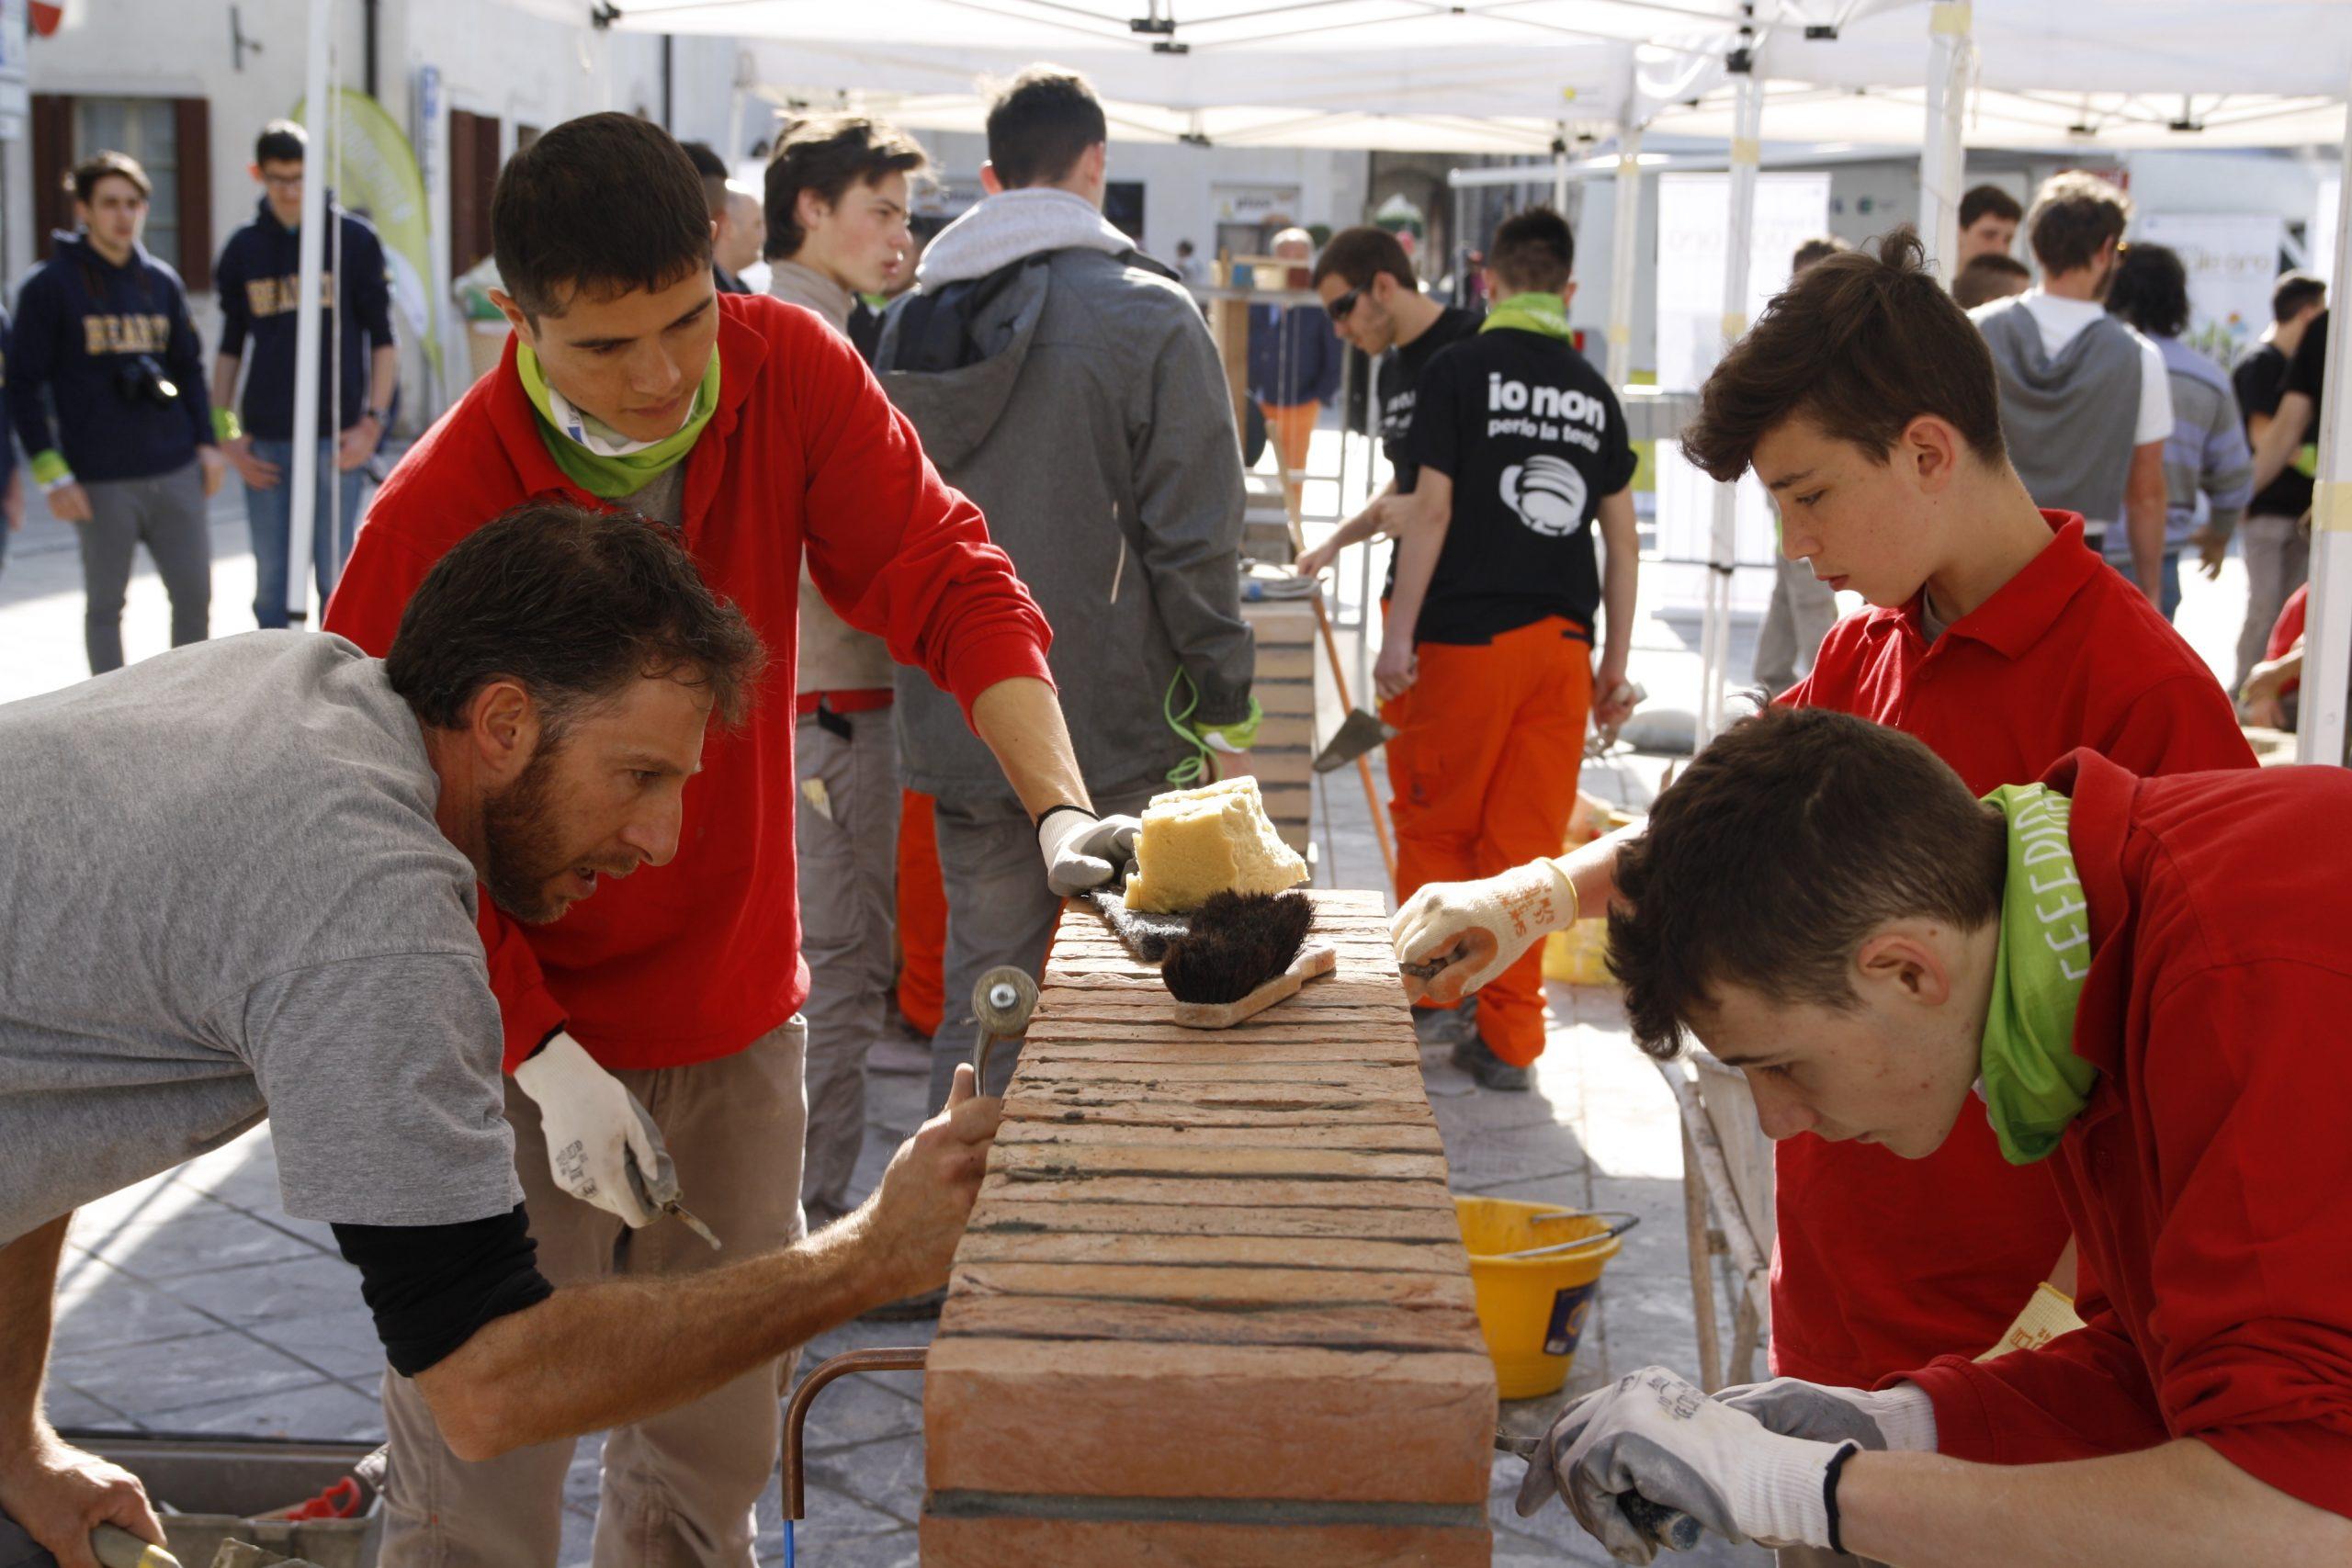 Cefs di Udine, un'offerta formativa al passo con le nuove sfide dell'edilizia